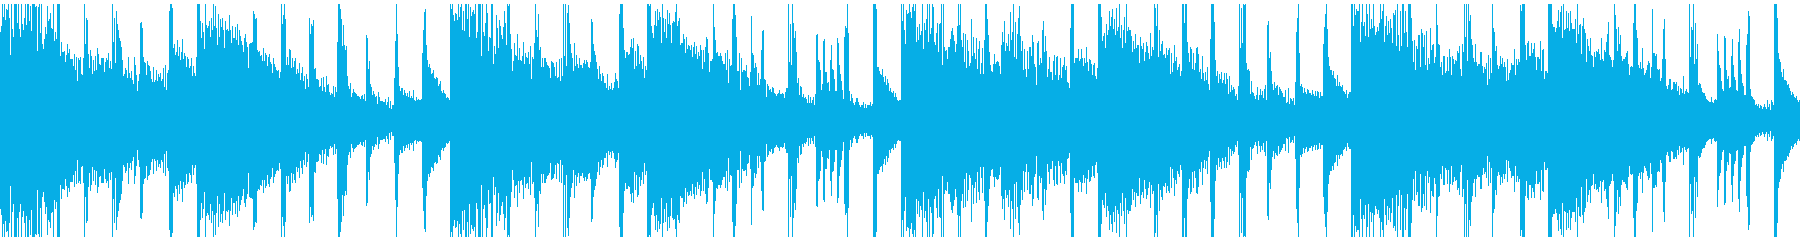 ムーディなバラードBGM(ループ仕様)の再生済みの波形